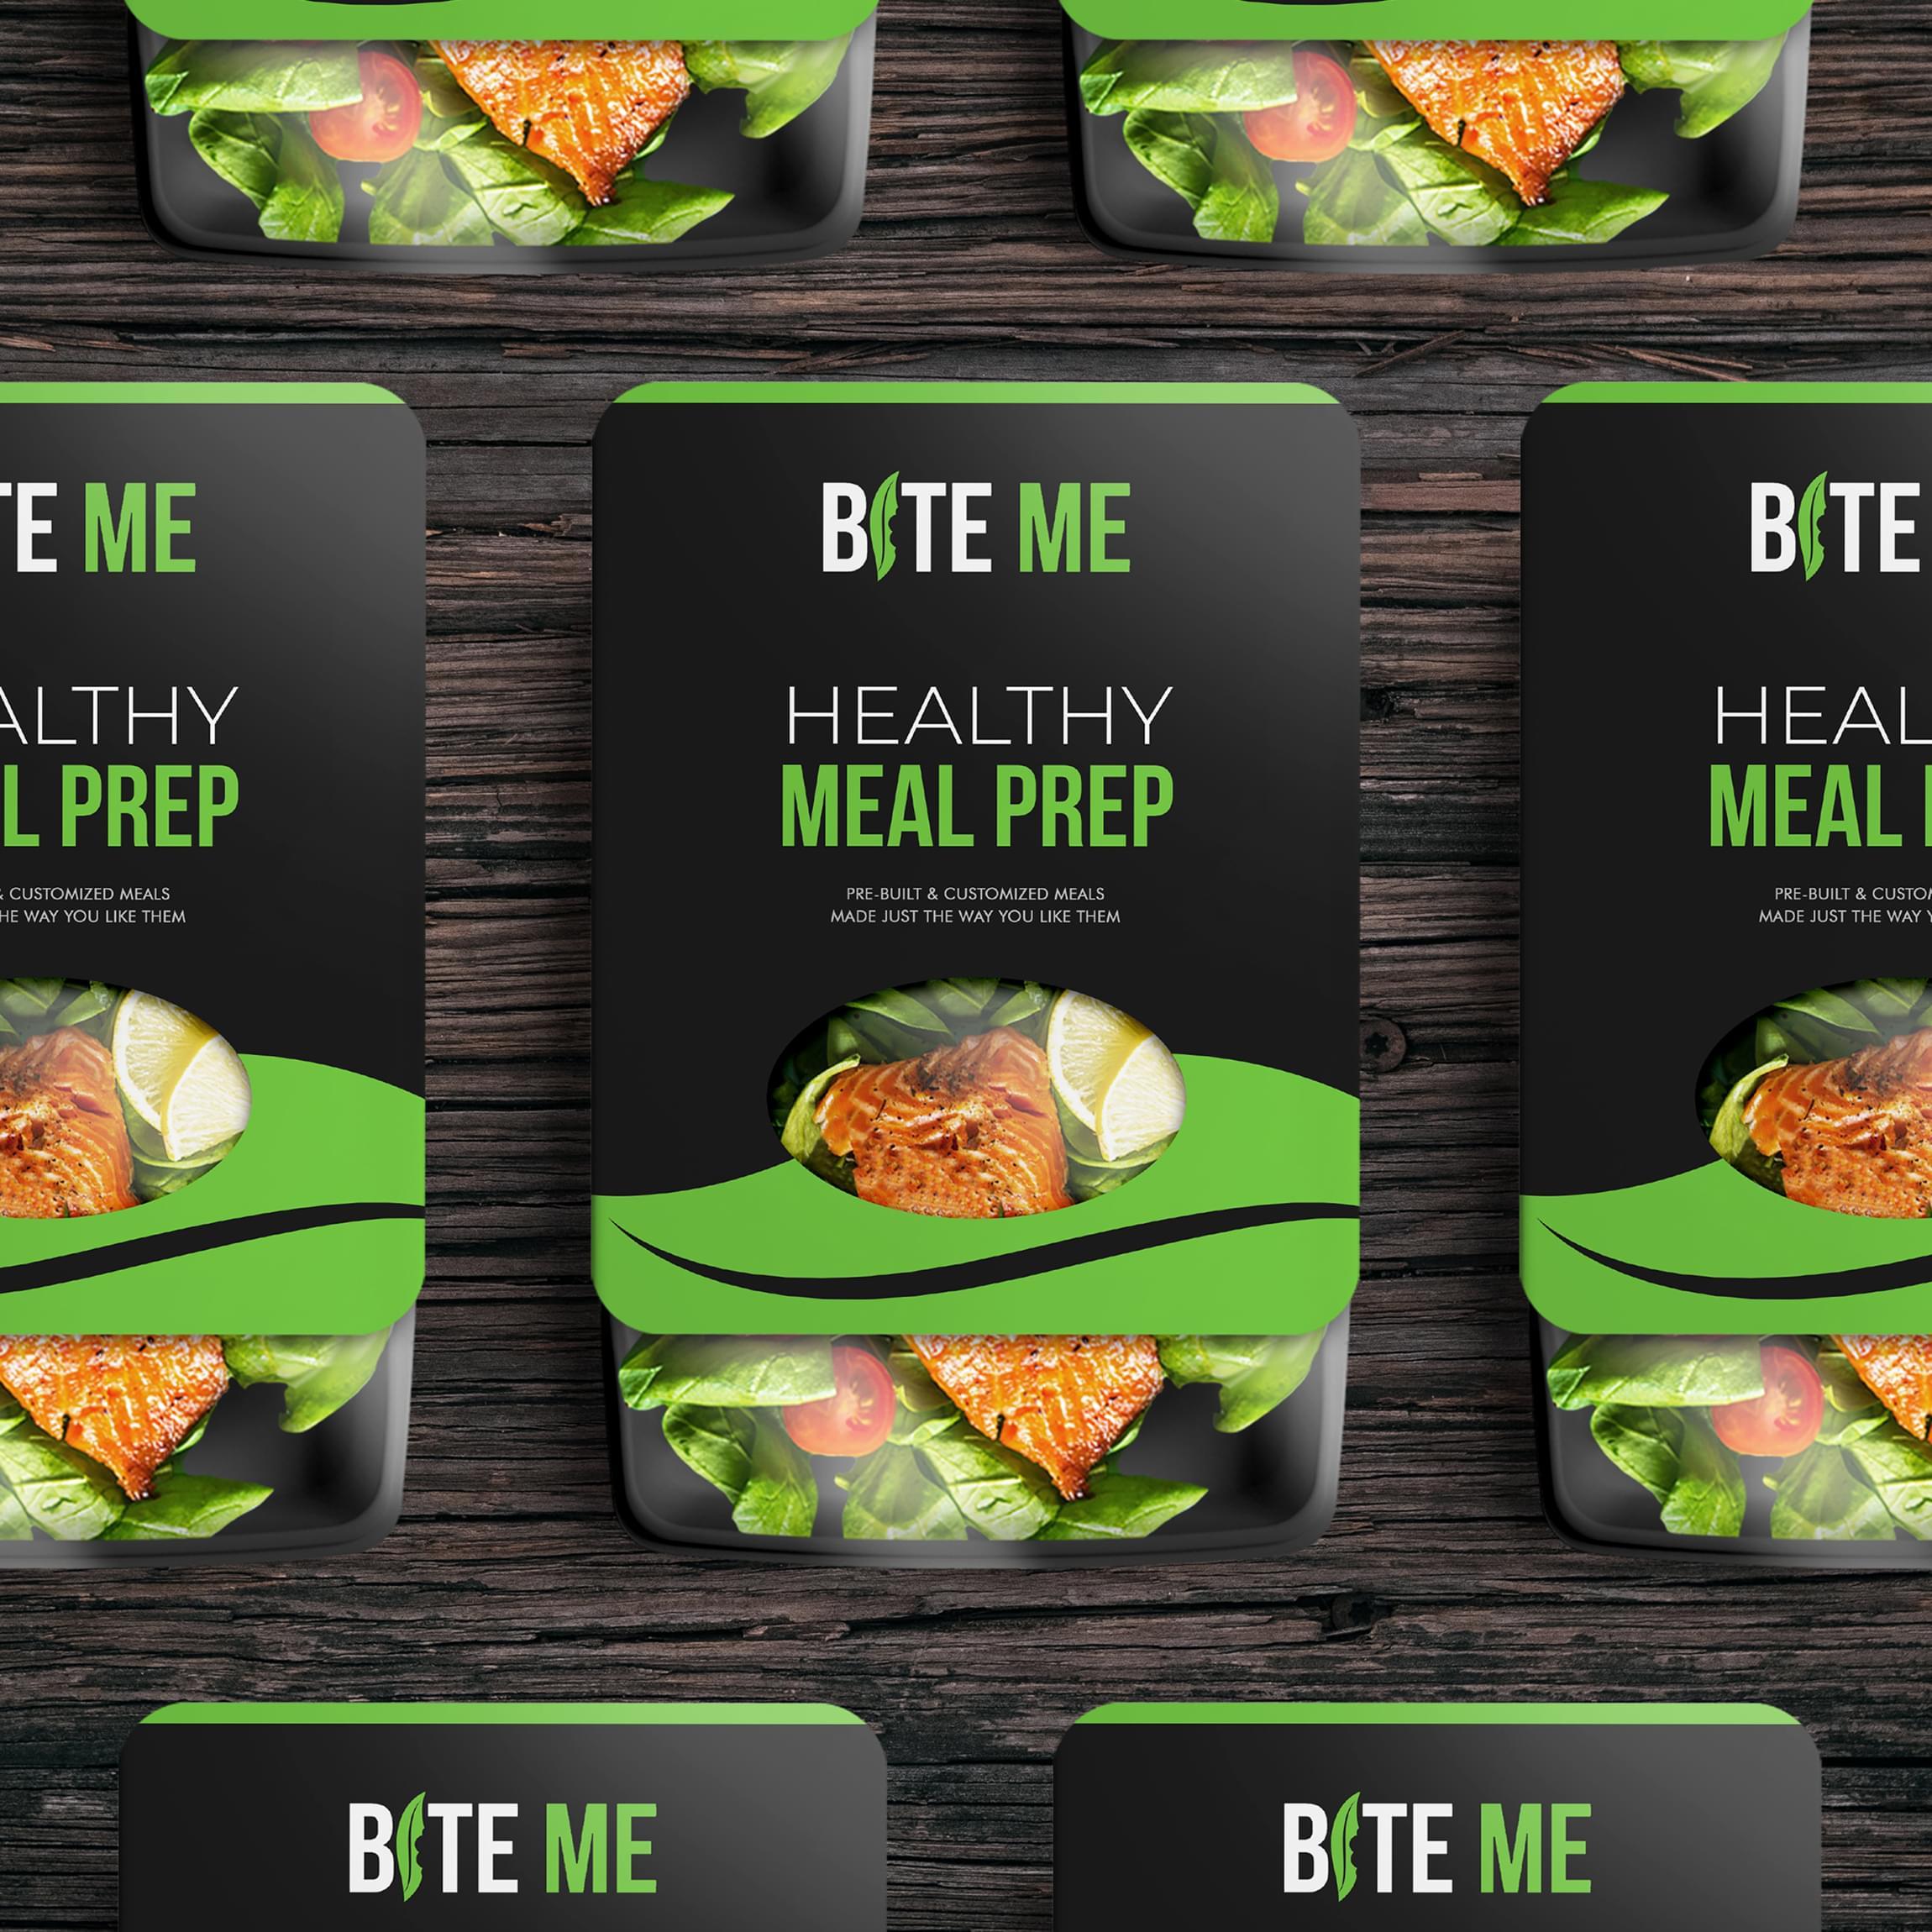 Bite Me Packaging